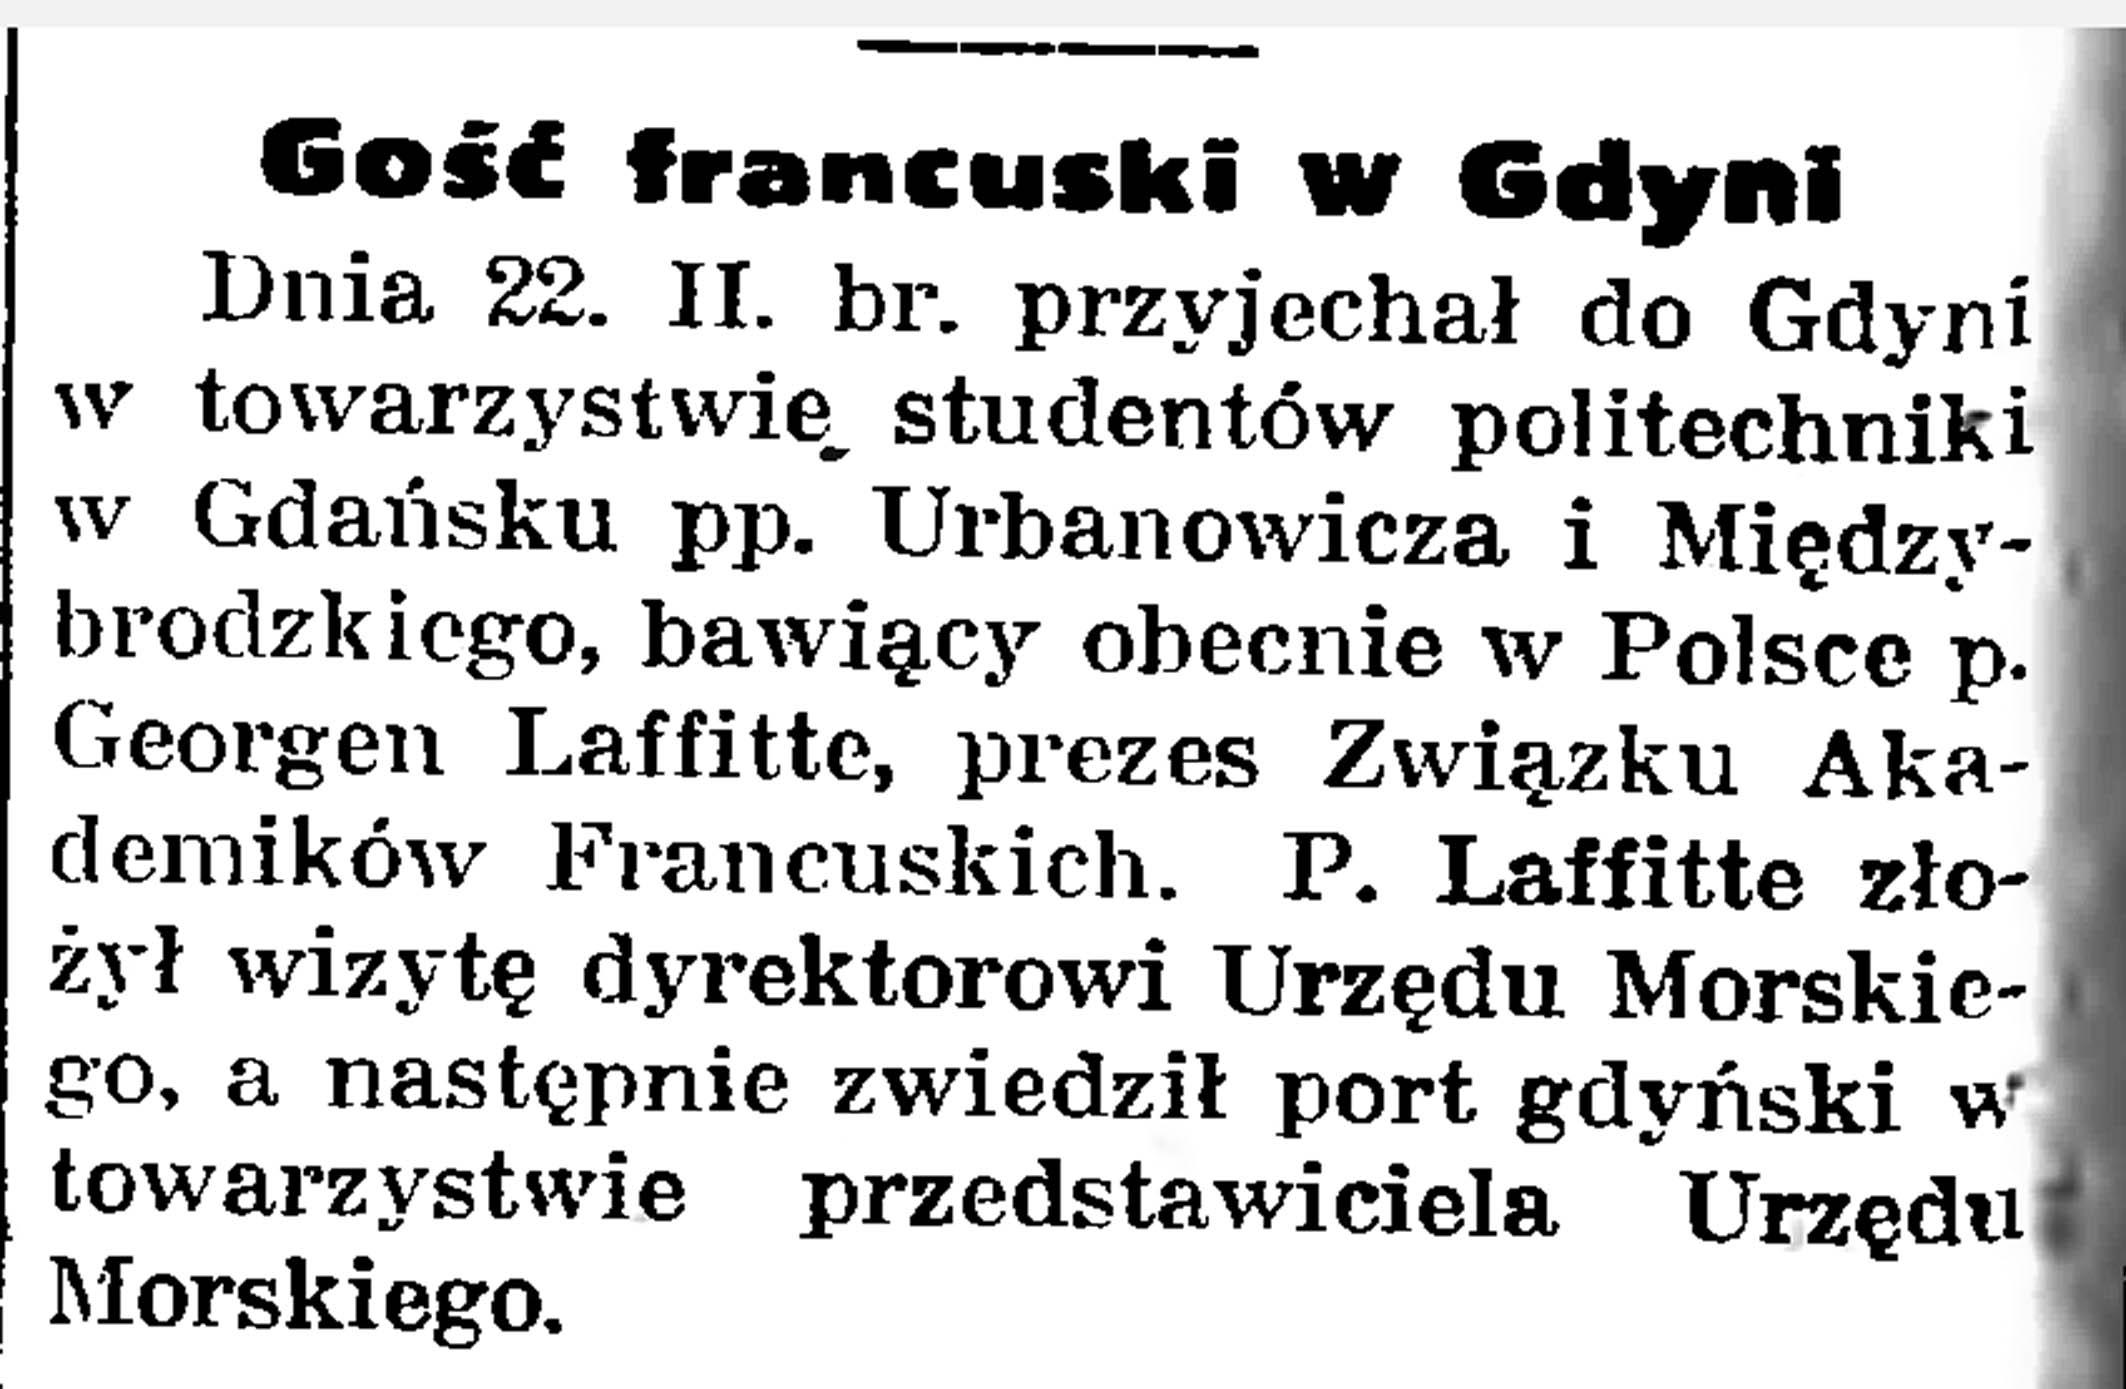 Gość francuski w Gdyni // Gazeta Gdańska. - 1935, nr 47, s. 8